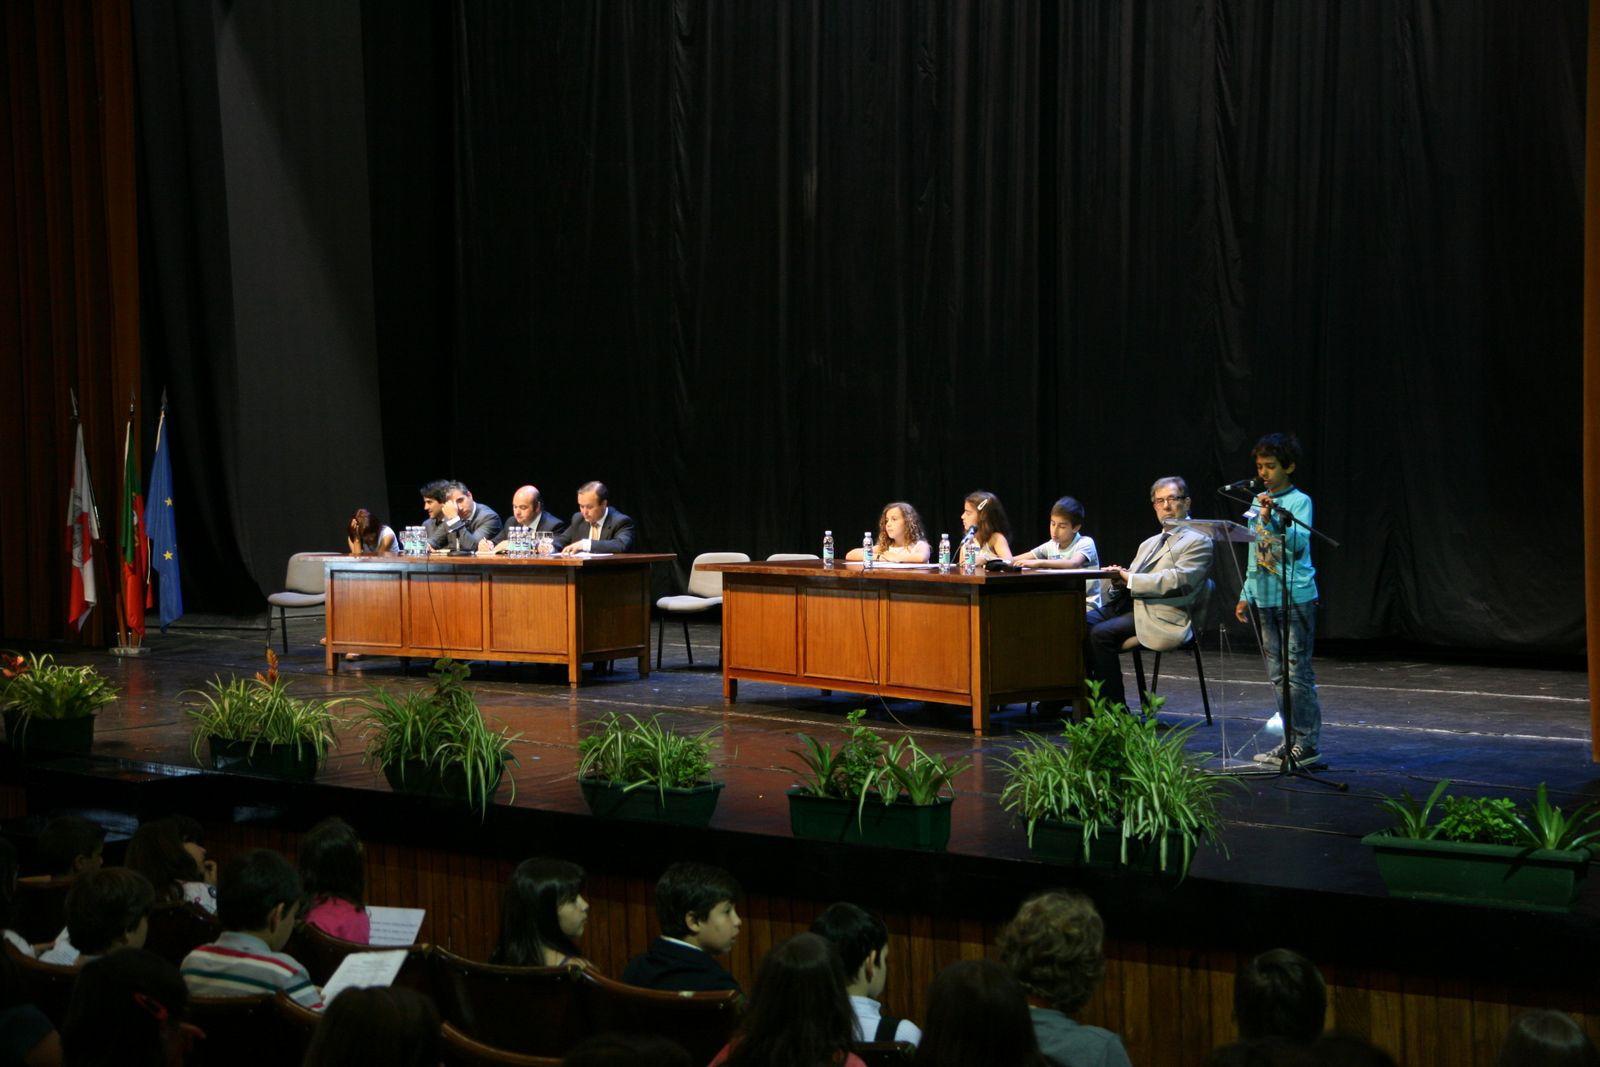 Sessão municipal «Políticos de Palmo e Meio»